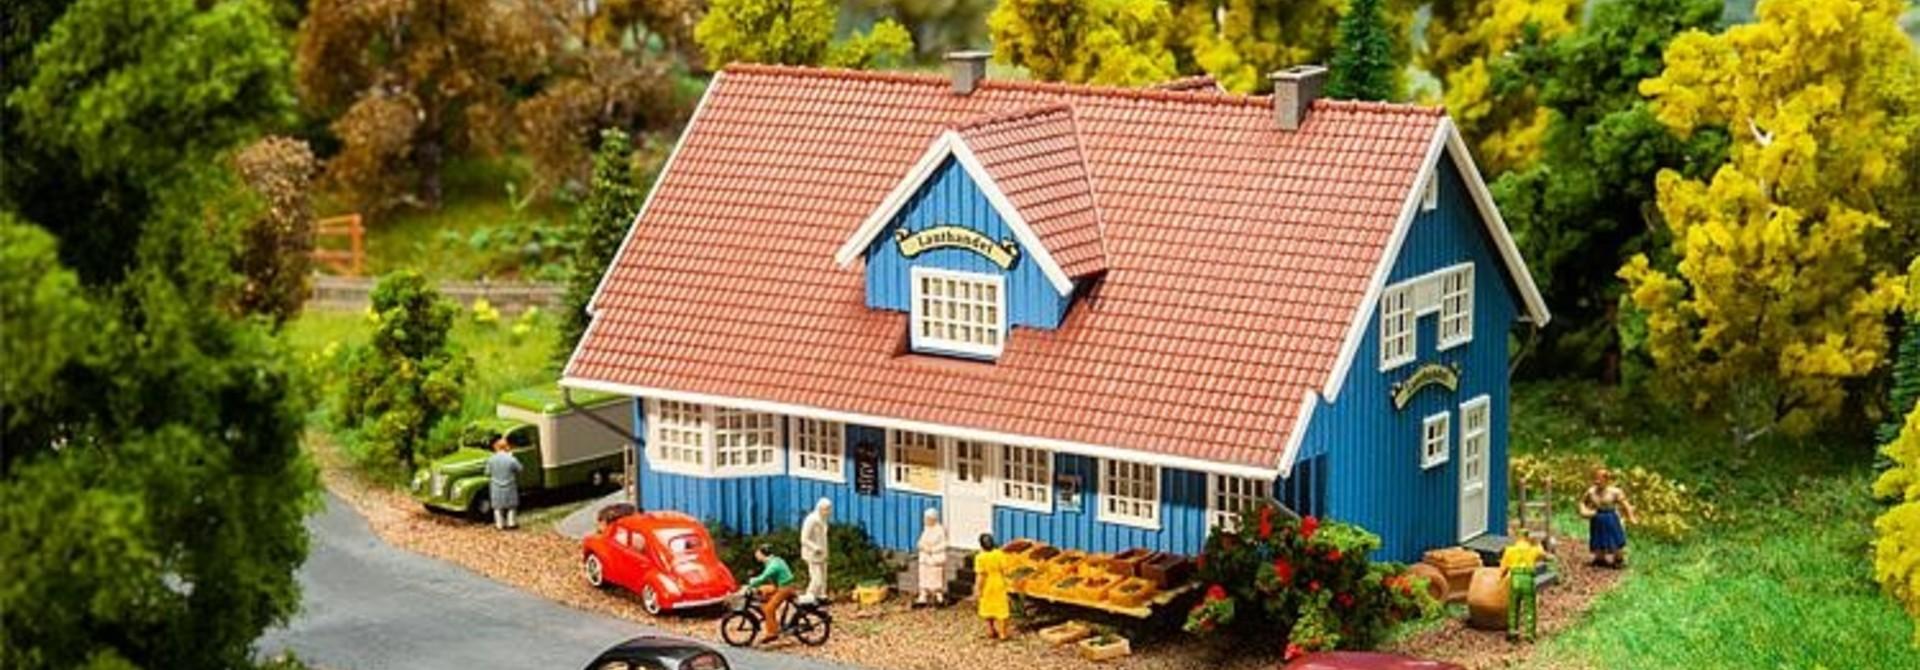 130660 Zweedse Dorpswinkel